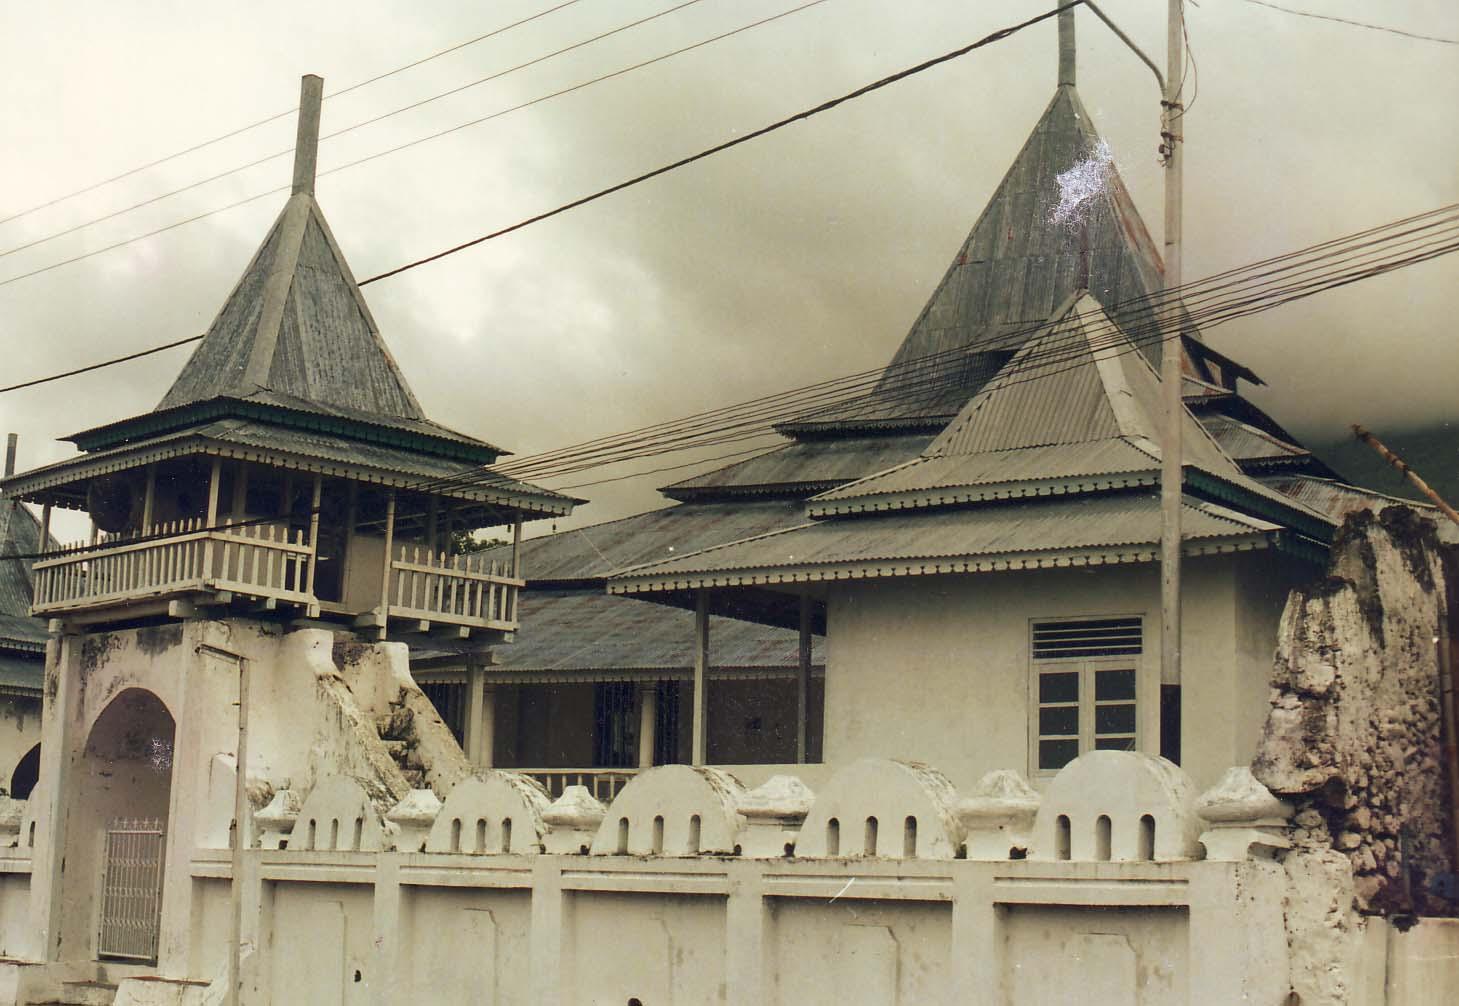 Maldini Ardy : KERAJAAN DAN PENINGGALAN ISLAM DI INDONESIA